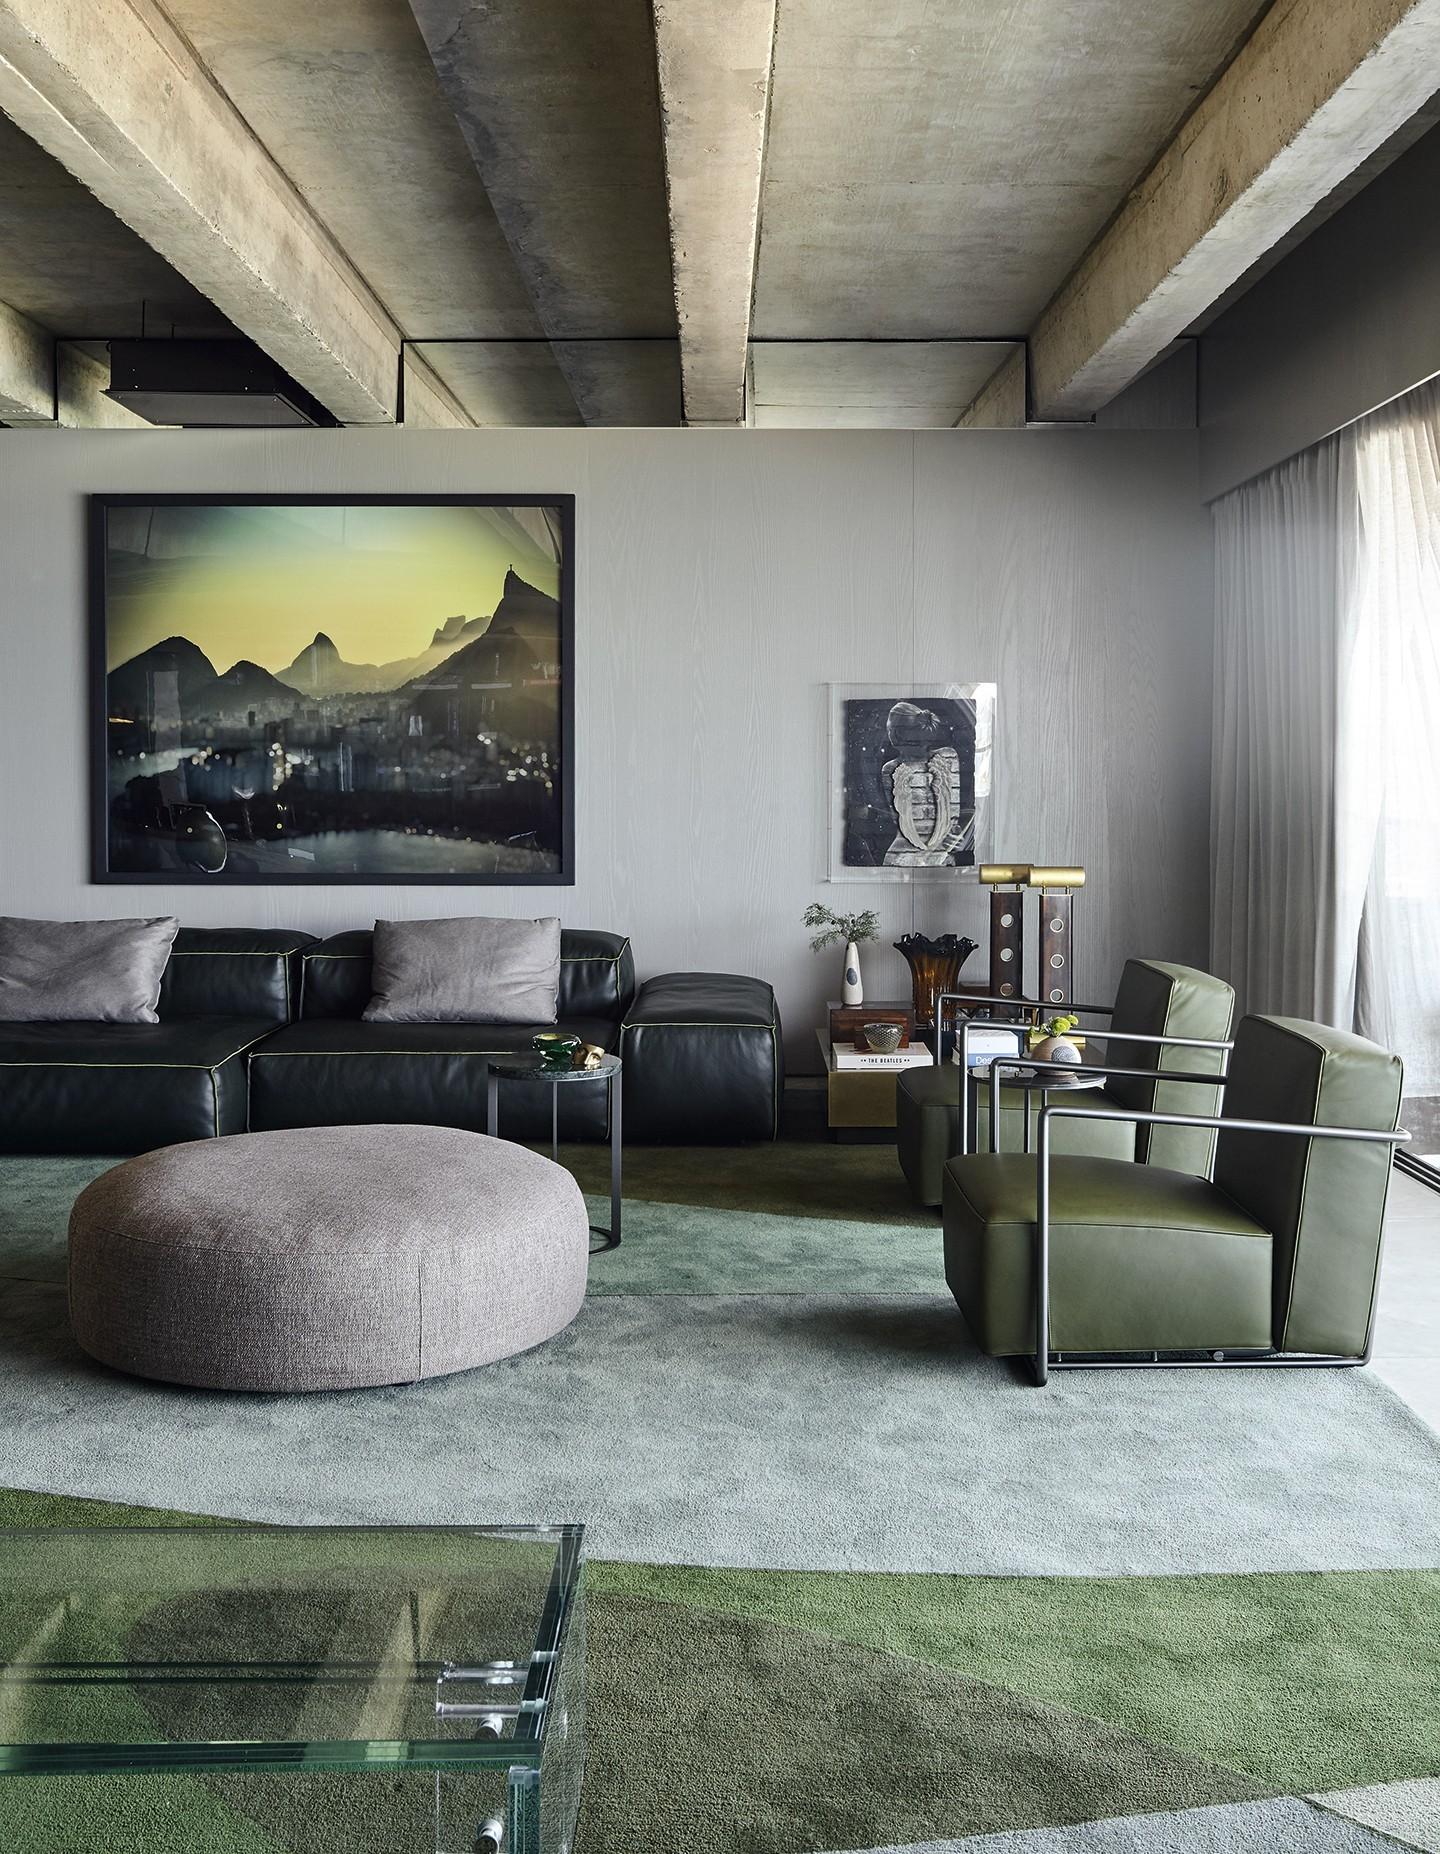 Décor do dia: sala de estar cinza com pontos de cor nos detalhes (Foto: Ilana Bessler)